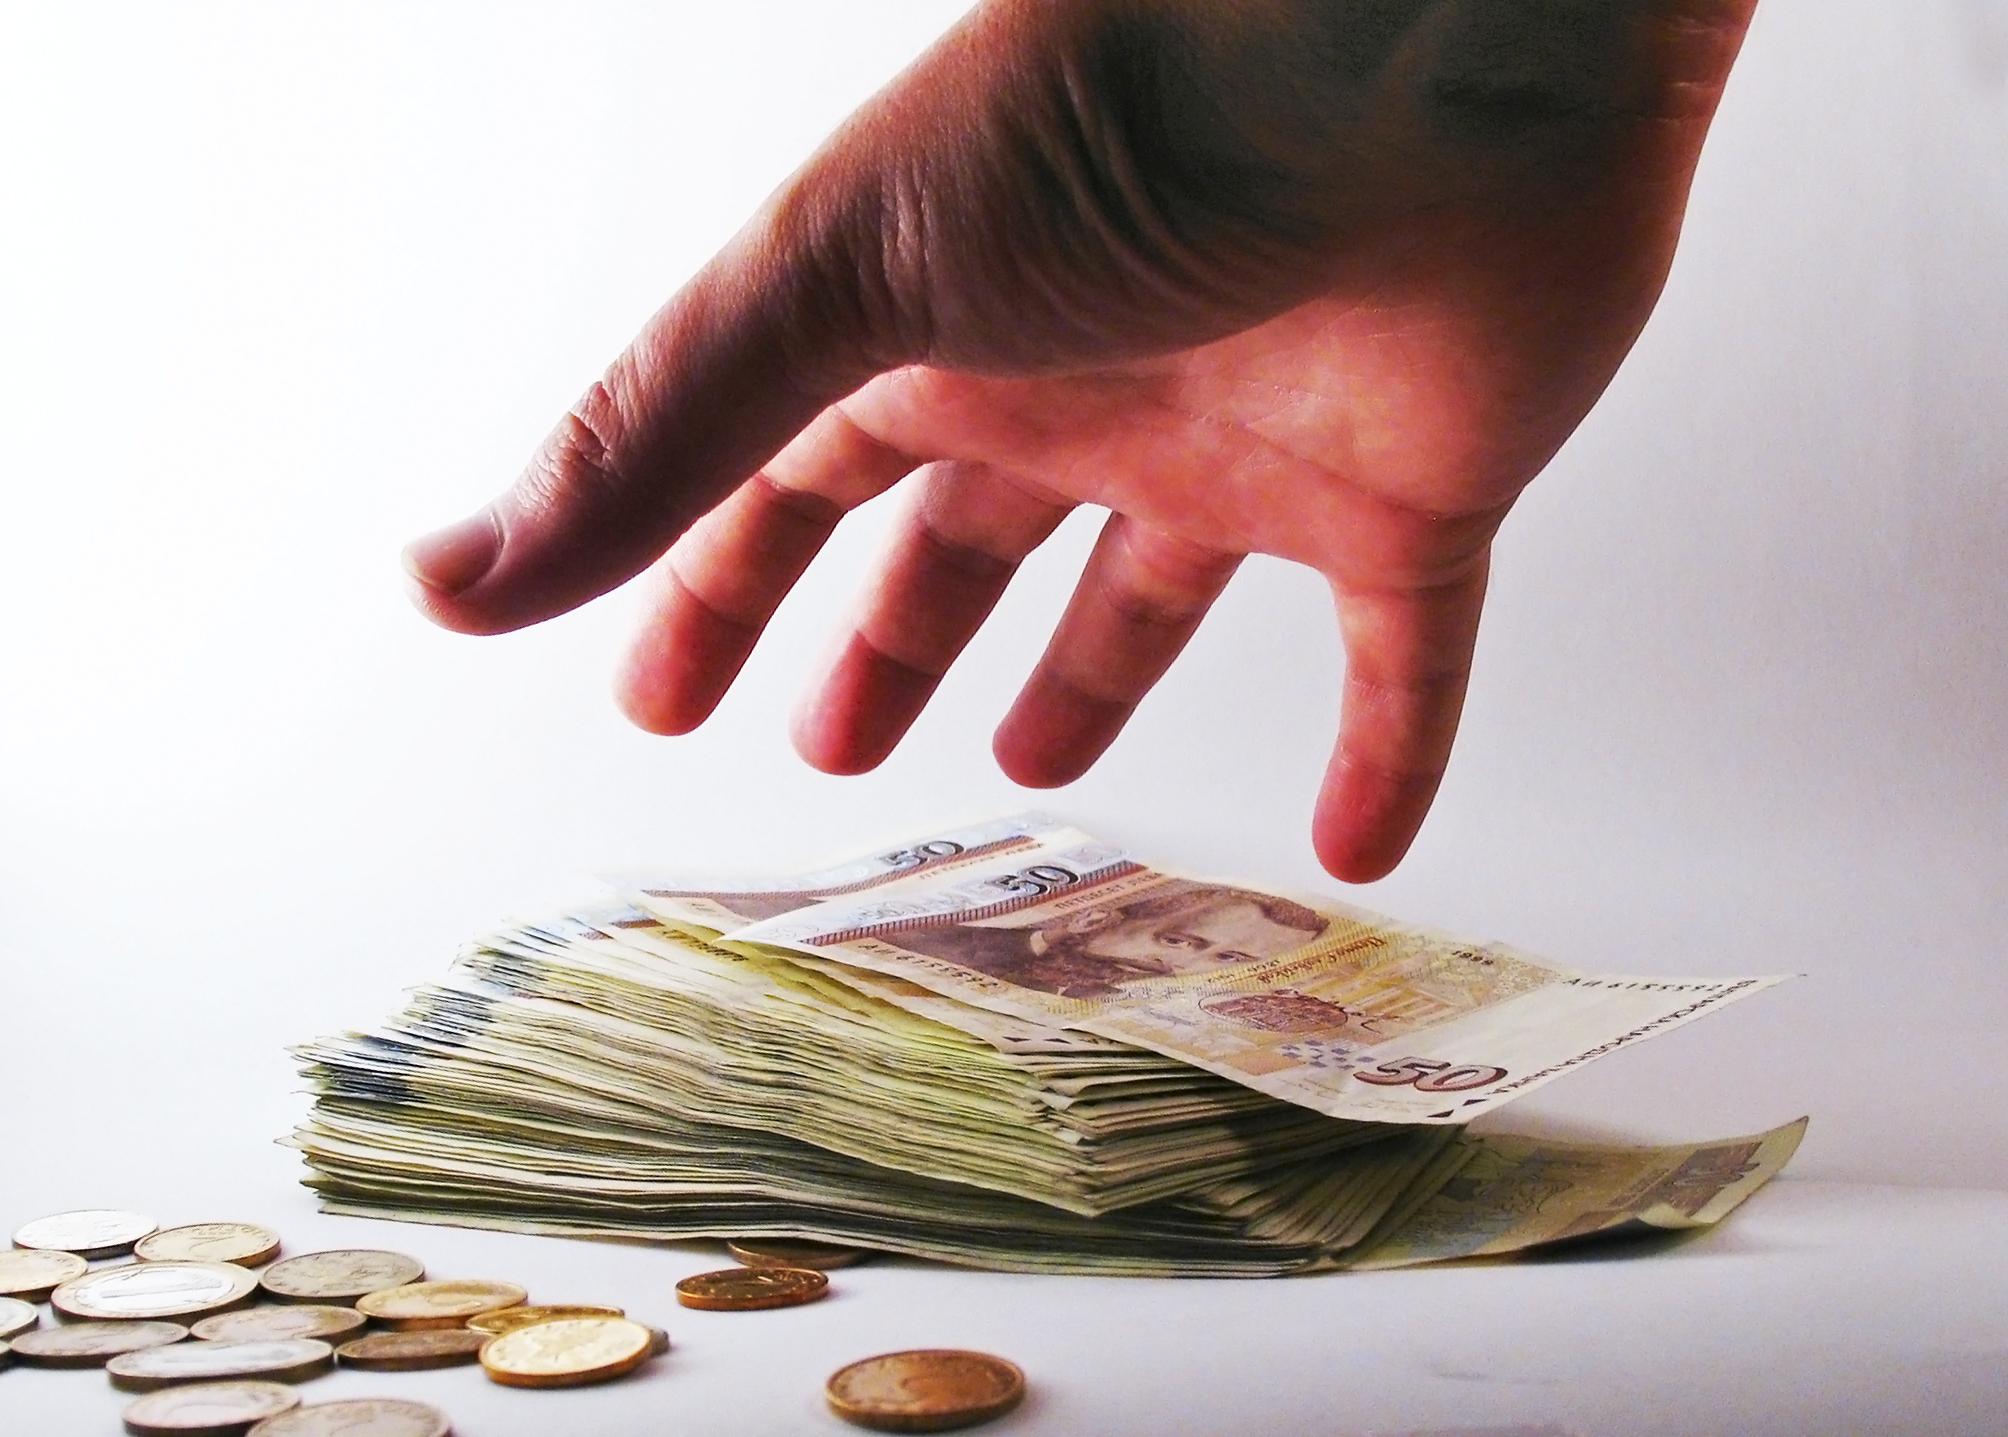 La corrupción aumenta cuando hay más intermediarios implicados. Imagen: svilen001. Fuente: FreeImages.